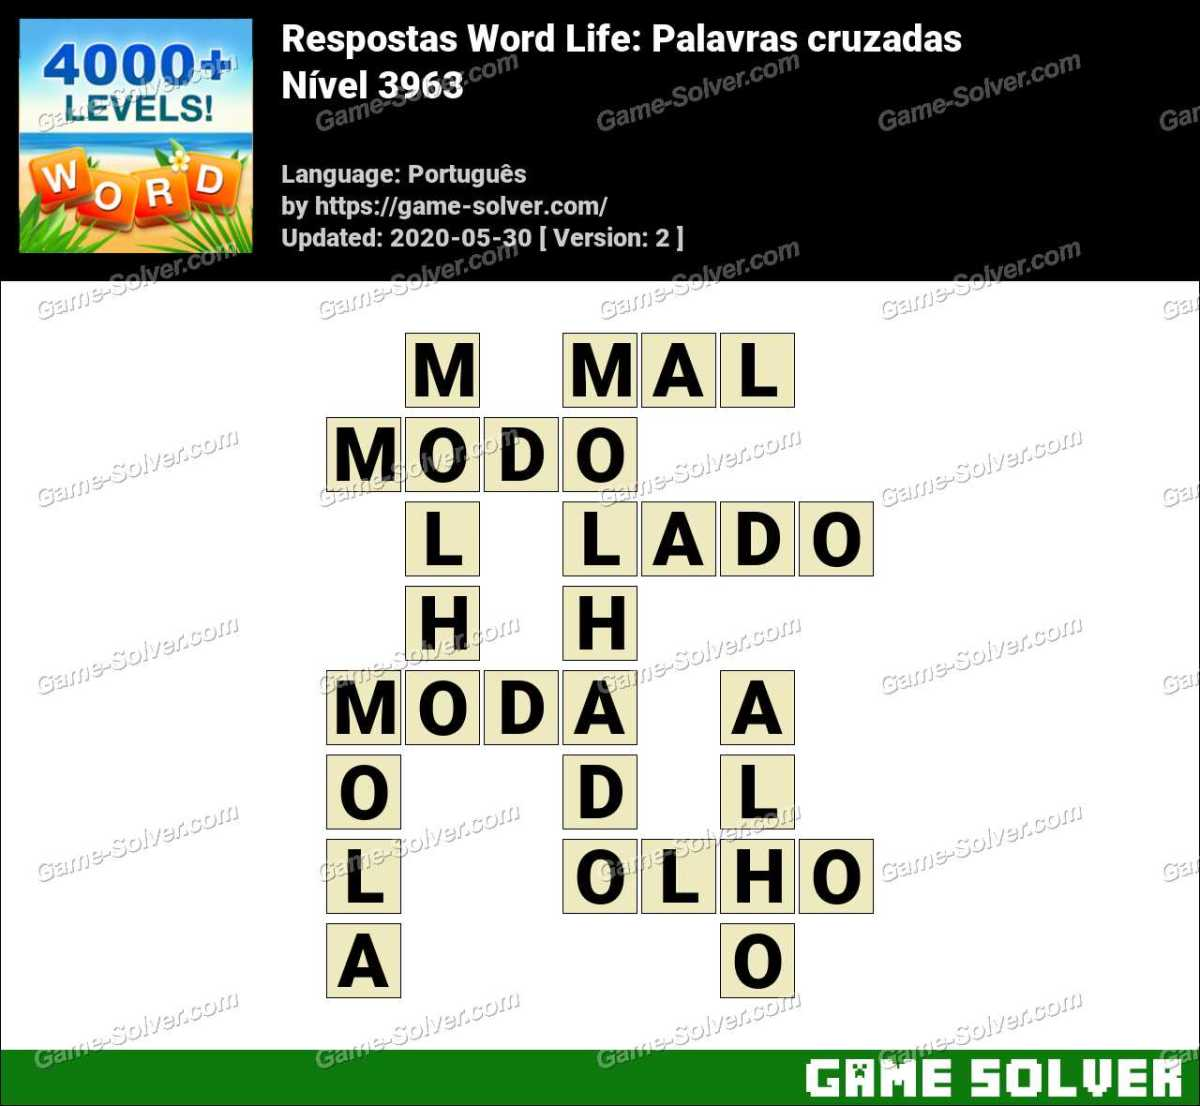 Respostas Word Life Nível 3963